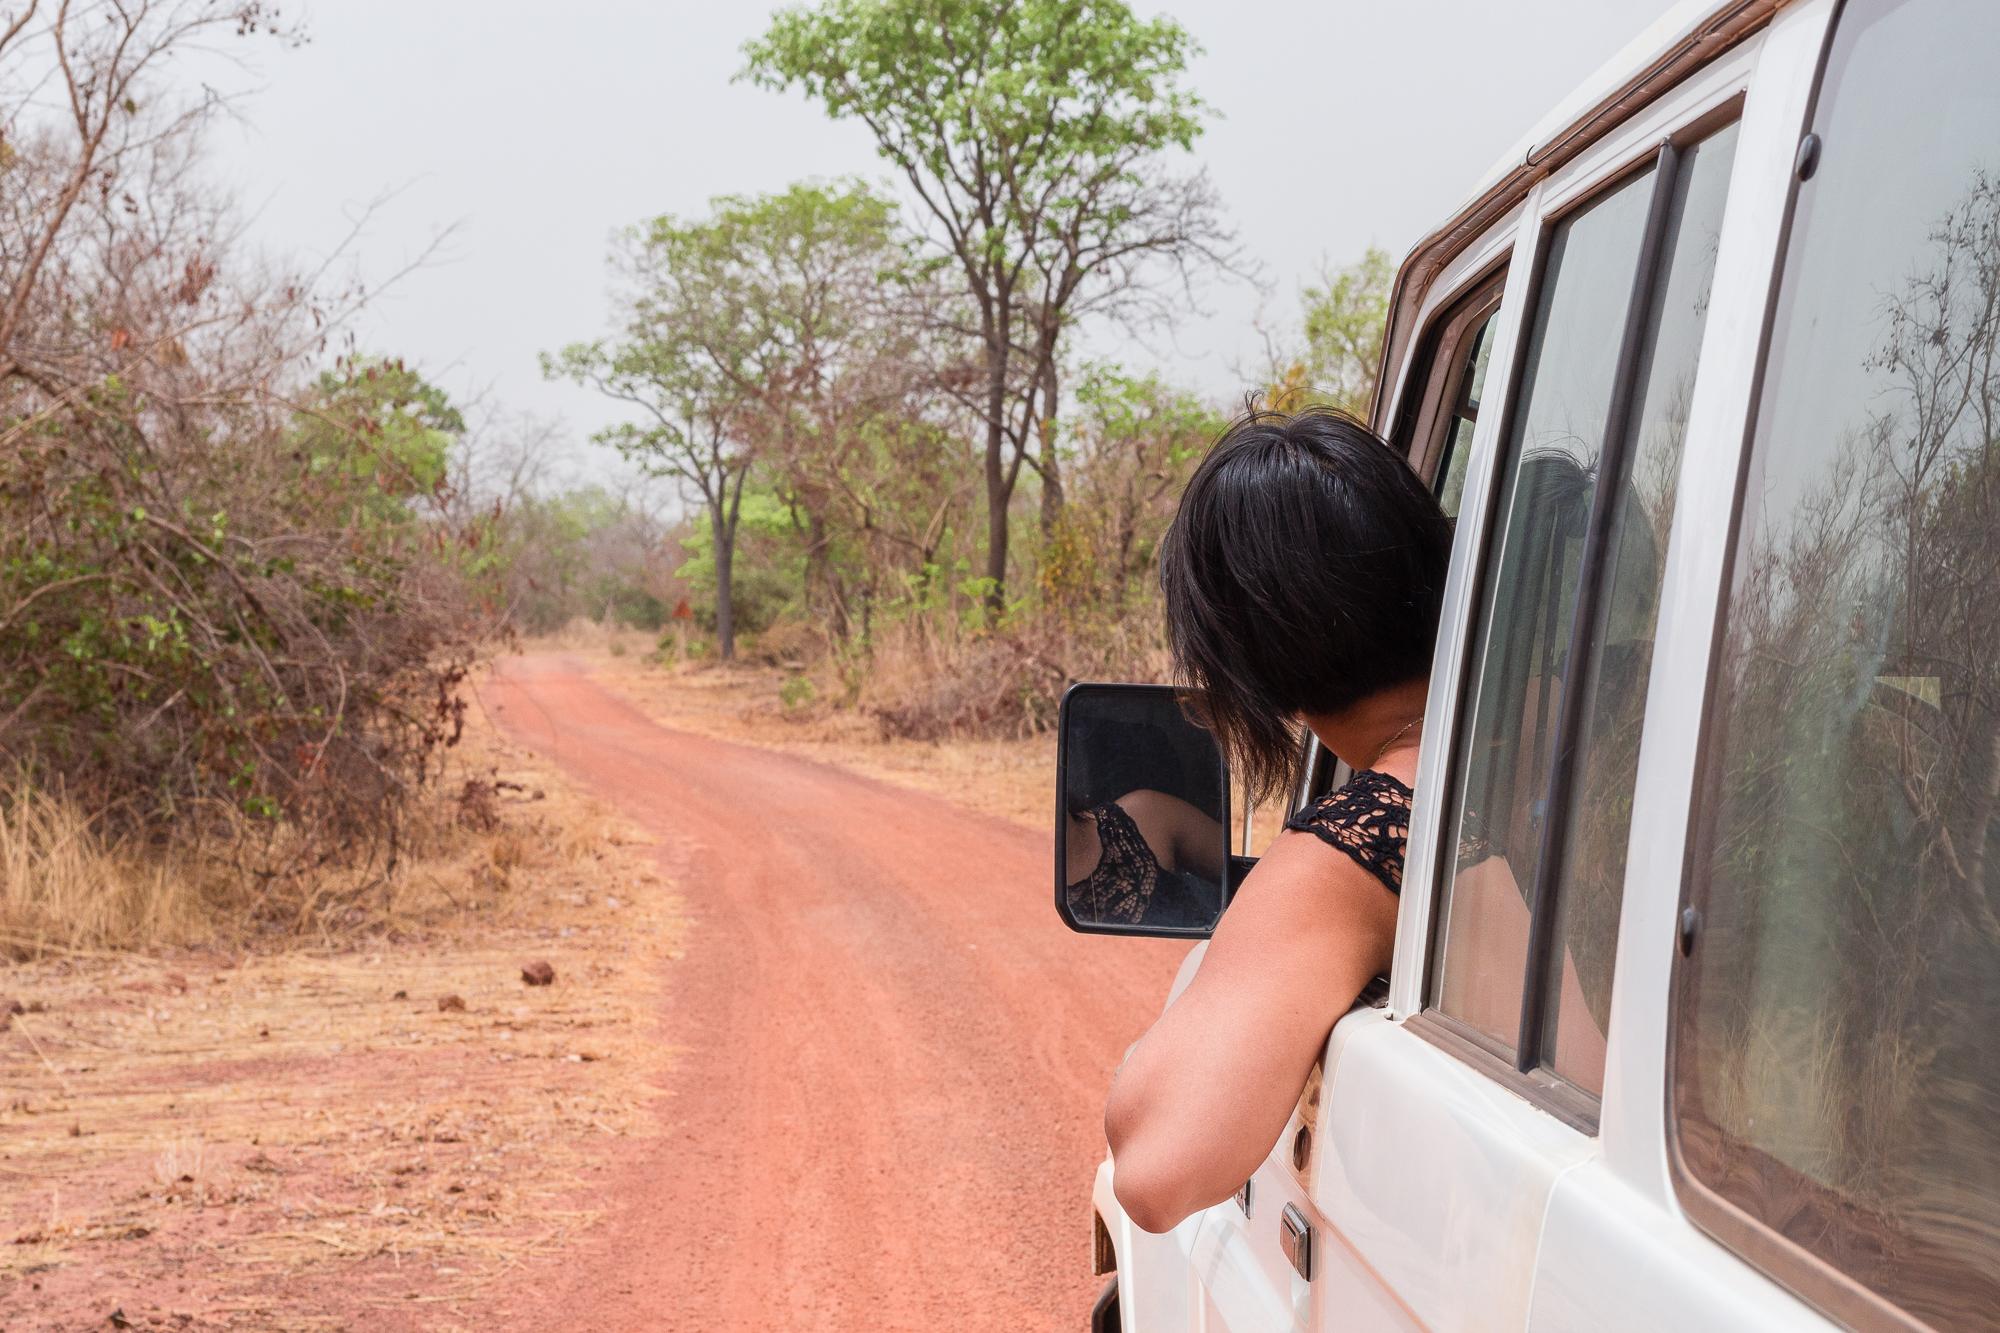 Au volant du Land Cruiser, sur la piste rouge menant à la mare de Bala, Burkina Faso